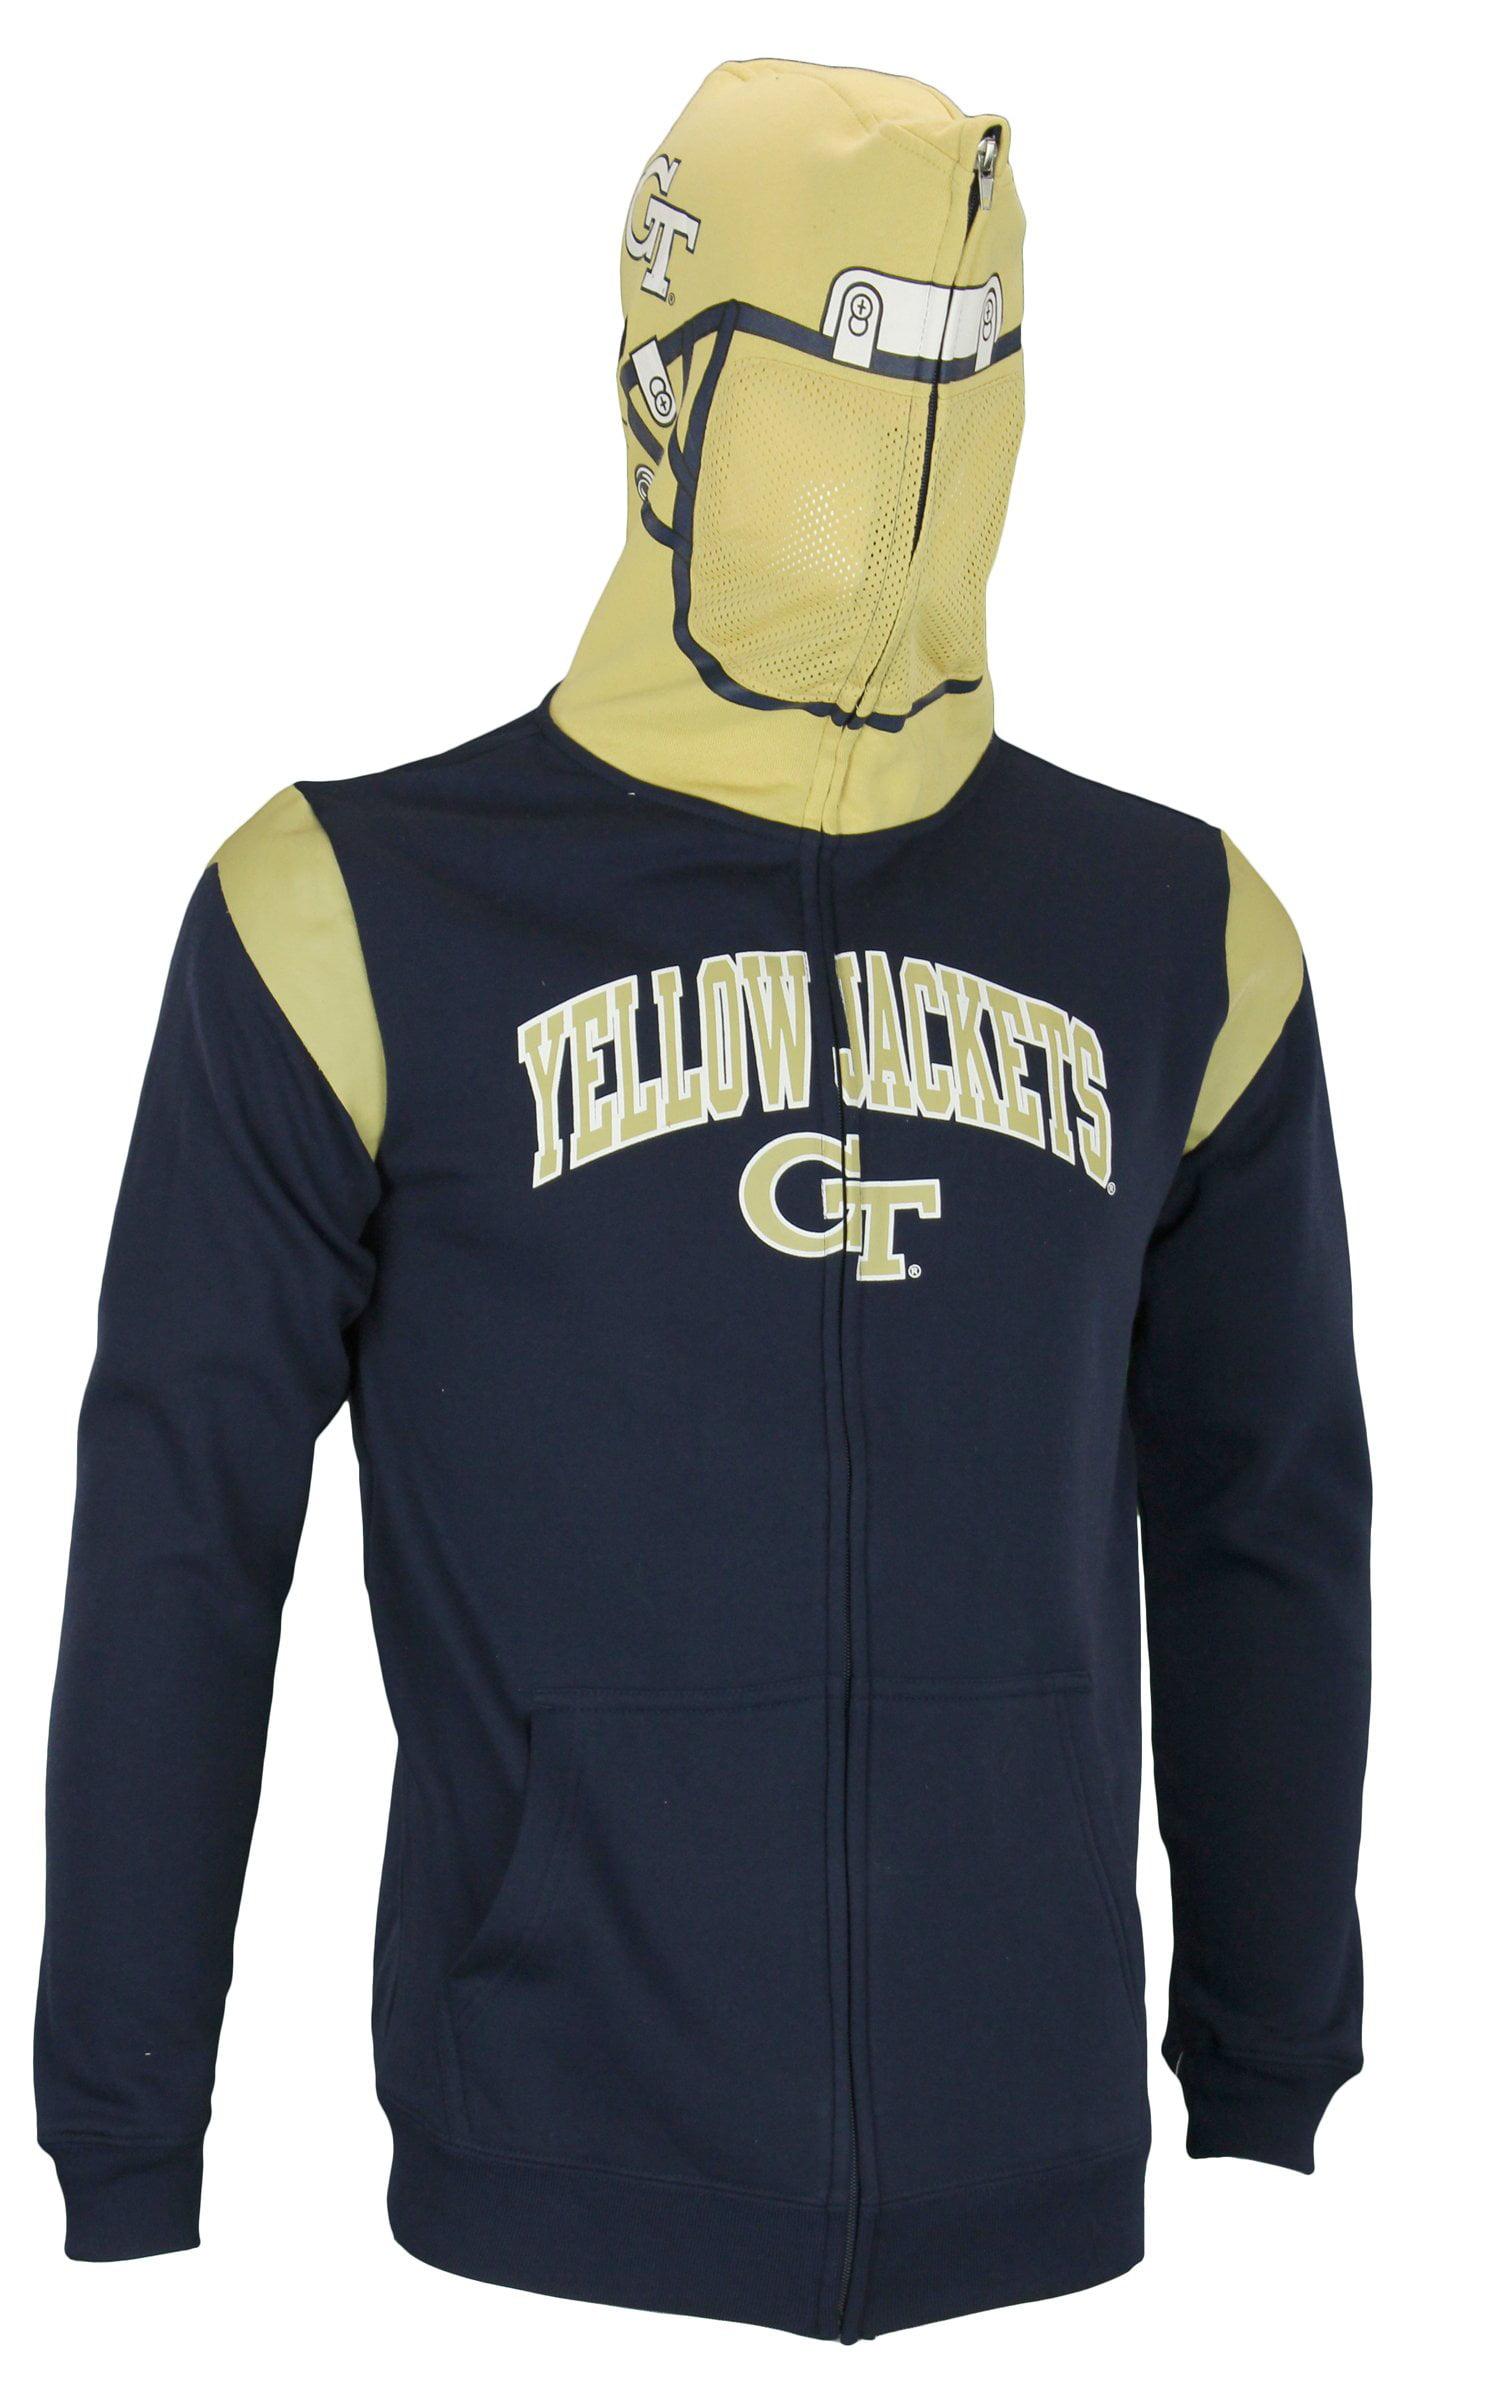 Nebraska Cornhuskers NCAAGameplan Mens Full Zip Fleece Jacket